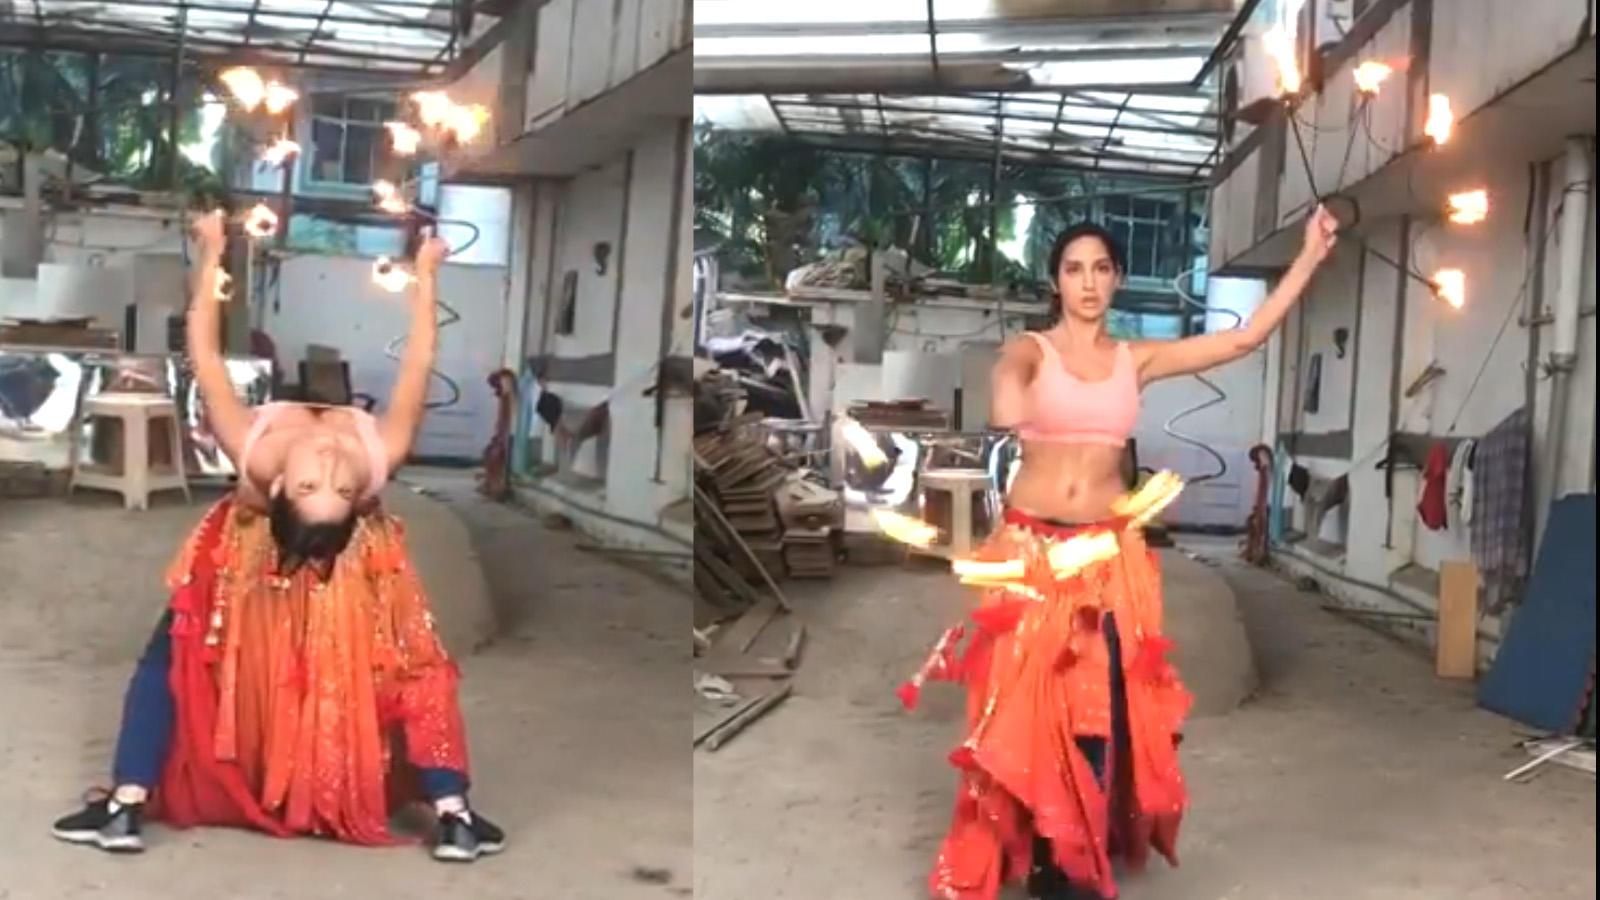 Watch: Nora Fatehi shares \'O Saki Saki\' fire dance BTS video